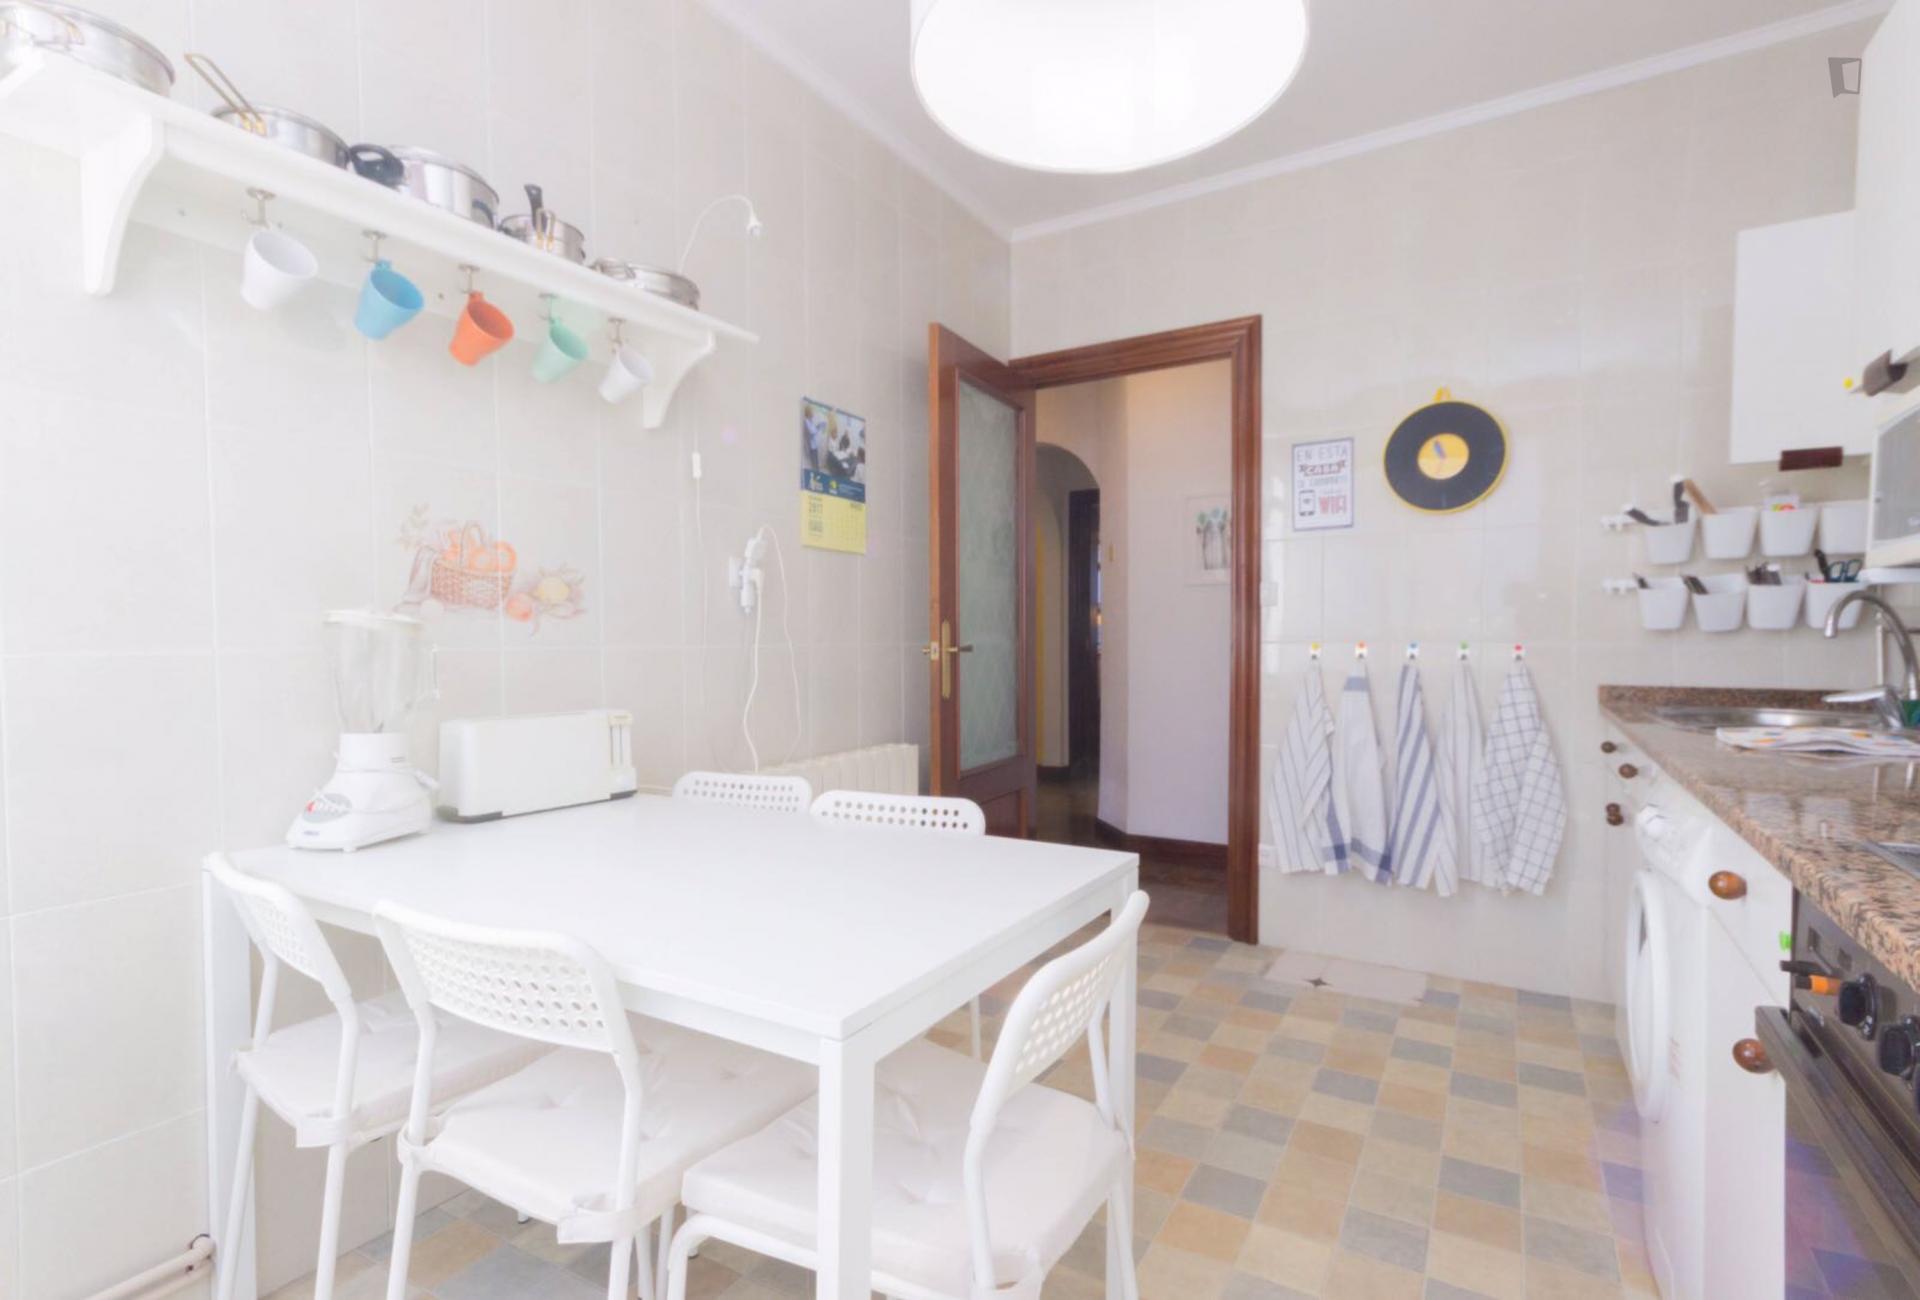 Huertas - Habitación en piso compartido en Bilbao